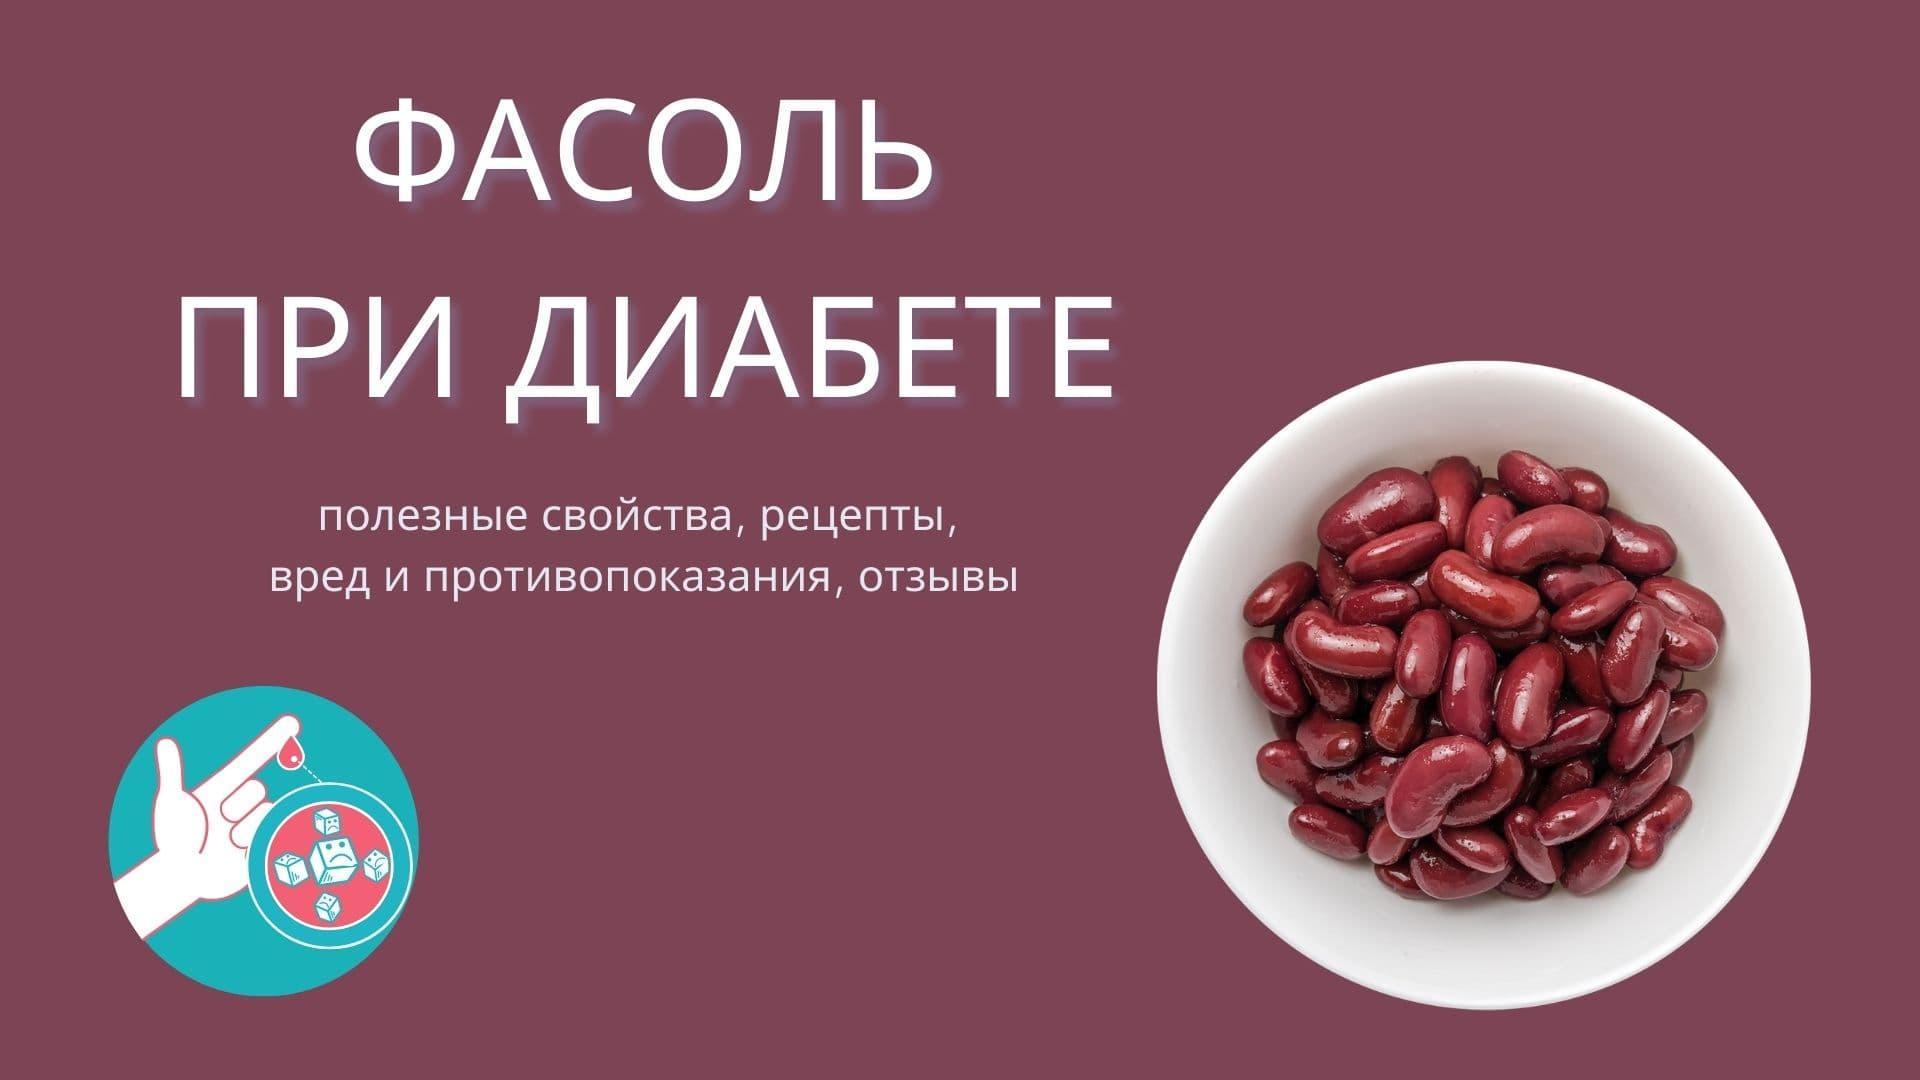 Фасоль при диабете: полезные свойства, рецепты, вред и противопоказания, отзывы